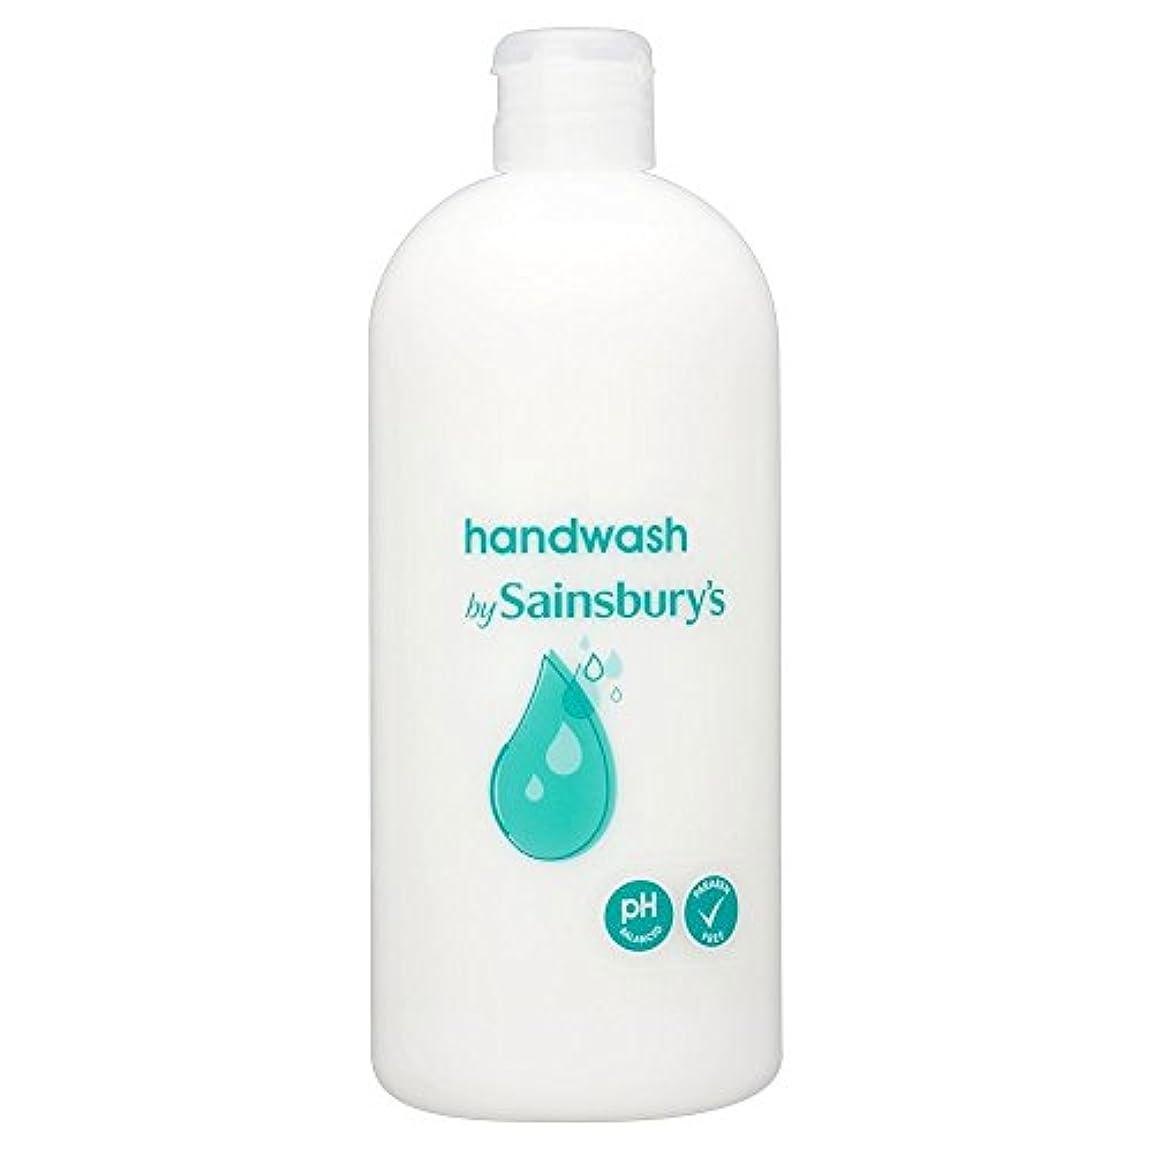 うねる項目一貫性のないSainsbury's Handwash, White Refill 500ml (Pack of 2) - (Sainsbury's) 手洗い、白リフィル500ミリリットル (x2) [並行輸入品]